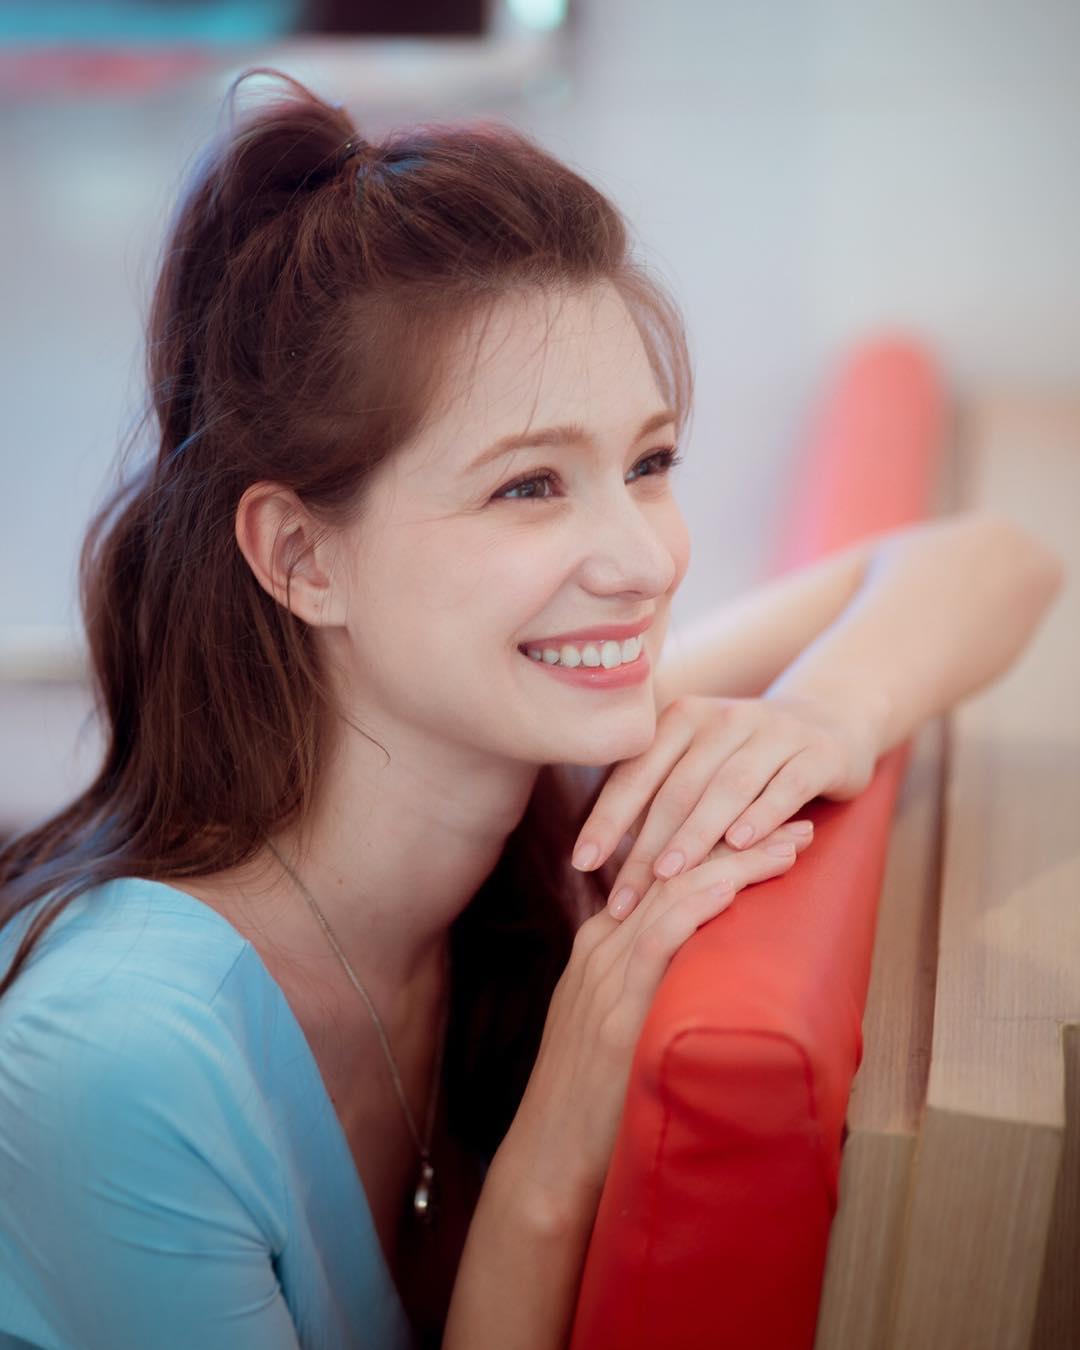 四国混血美女Anastasia Cebulska梦幻颜值惊呆网友